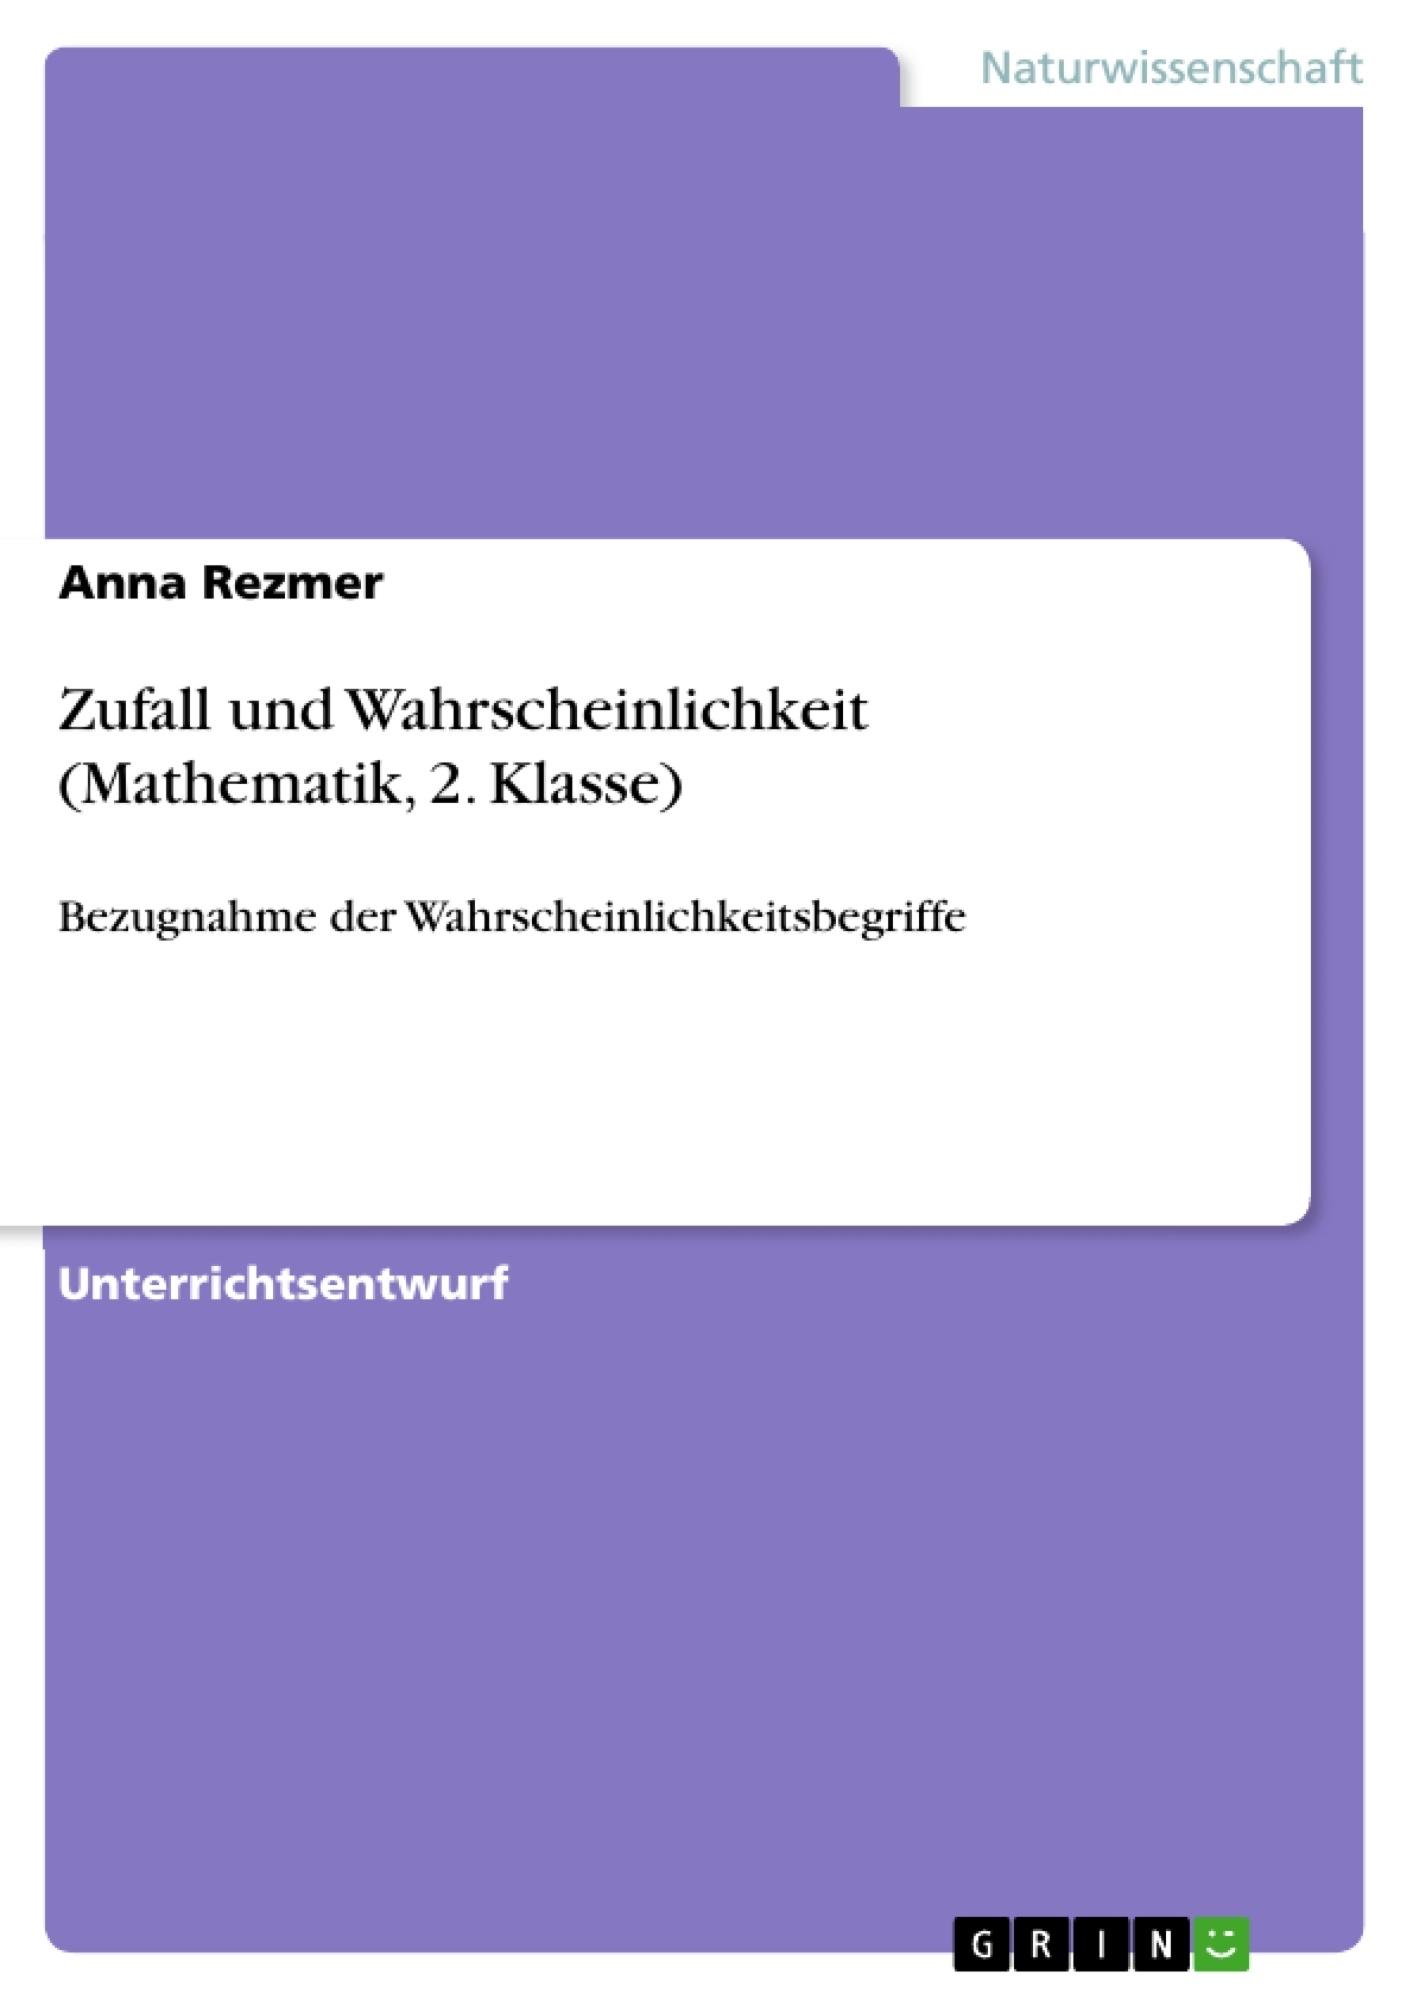 Zufall und Wahrscheinlichkeit (Mathematik, 2. Klasse) | Masterarbeit ...